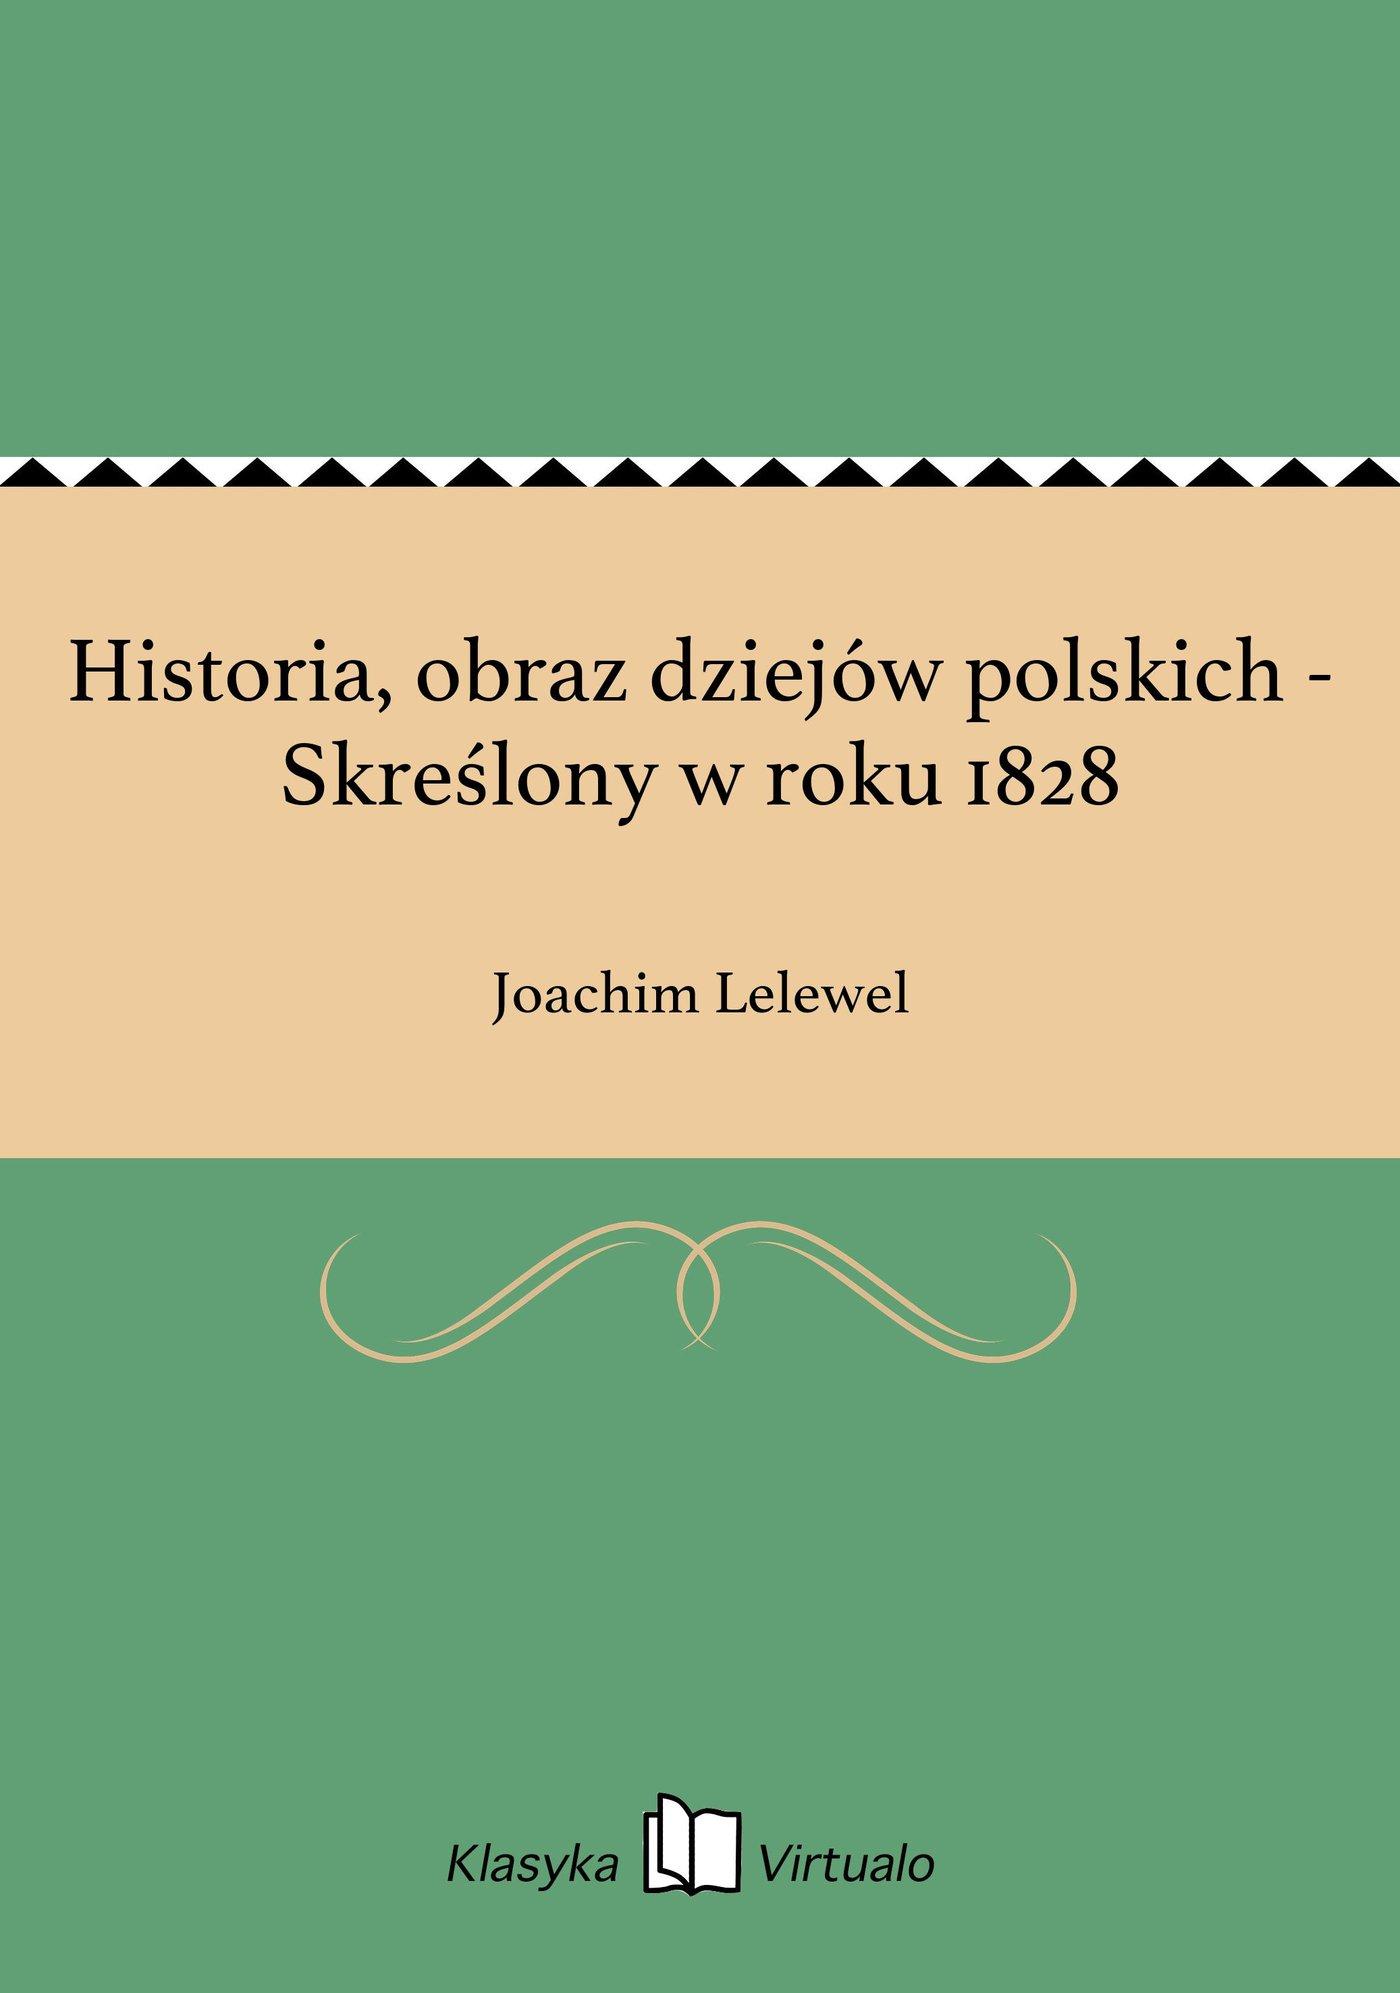 Historia, obraz dziejów polskich - Skreślony w roku 1828 - Ebook (Książka EPUB) do pobrania w formacie EPUB